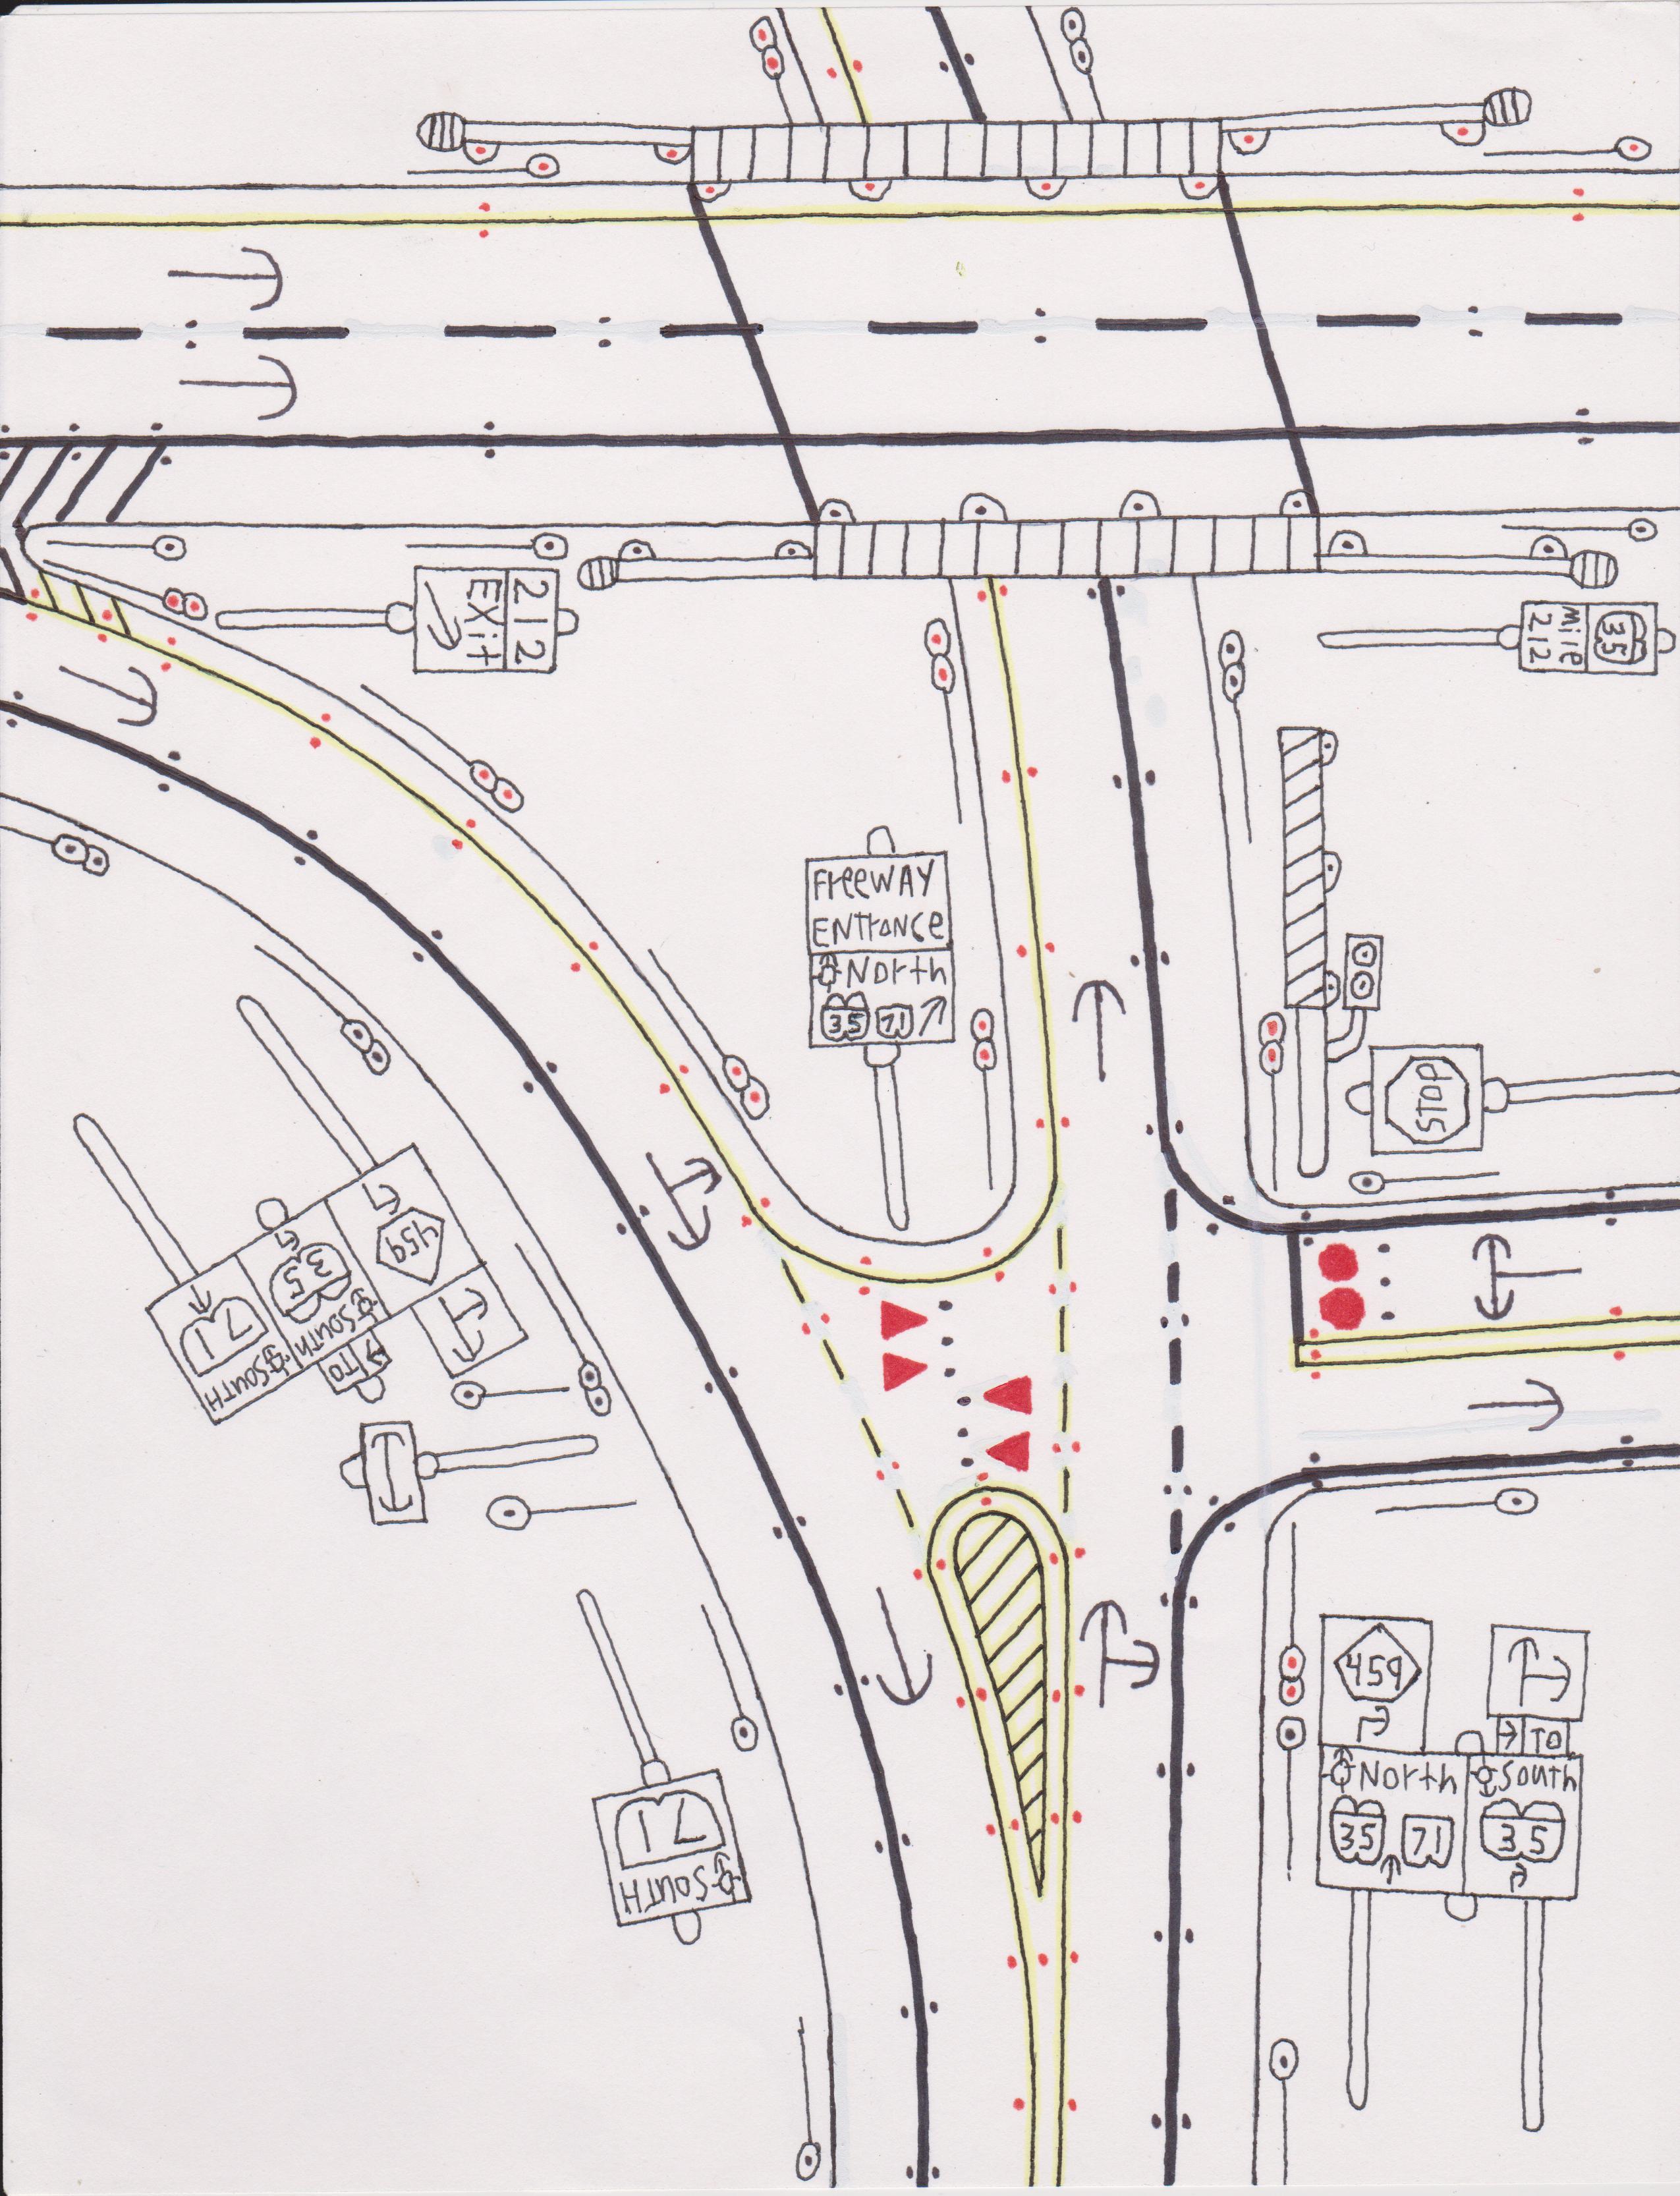 Roadscapes Wednesday: Geek Alabama Road Drawings 58, 59, 60 – Geek ...